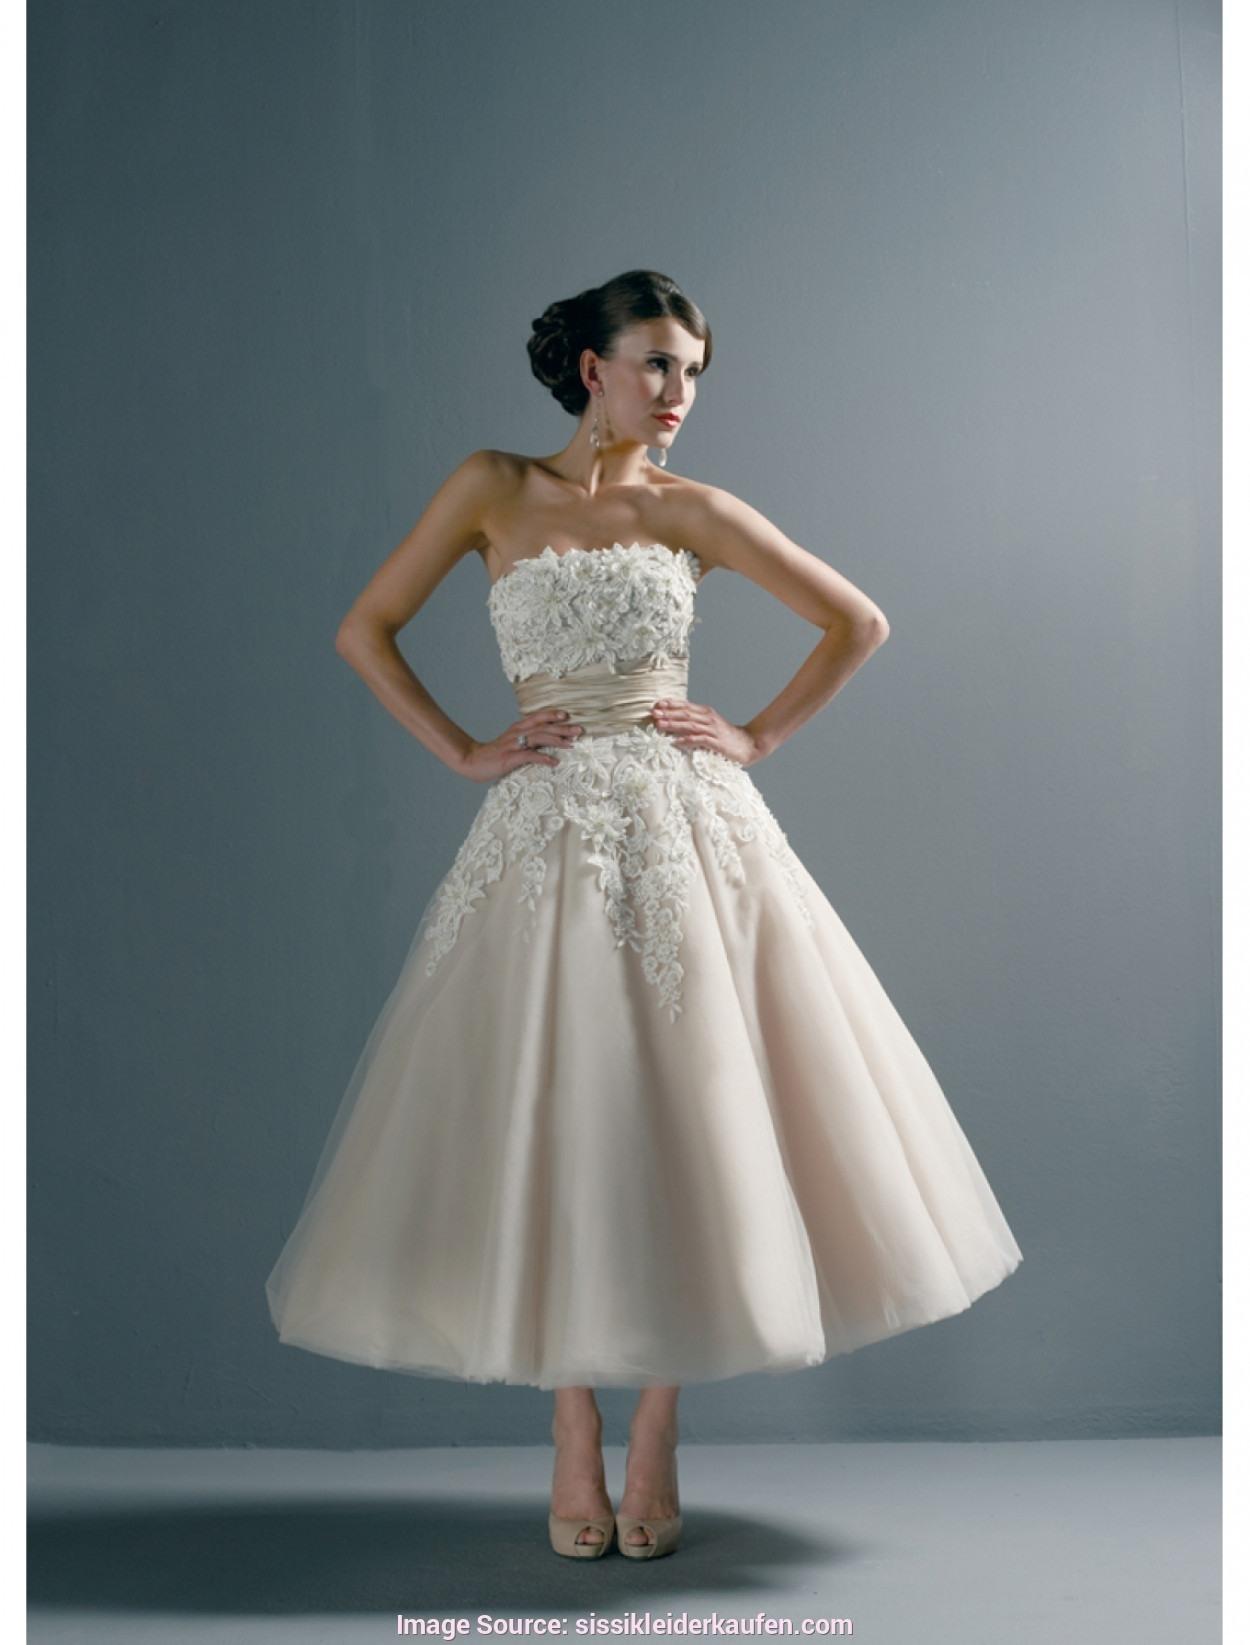 Formal Perfekt Festliche Kleider Wadenlang Design Luxurius Festliche Kleider Wadenlang Galerie